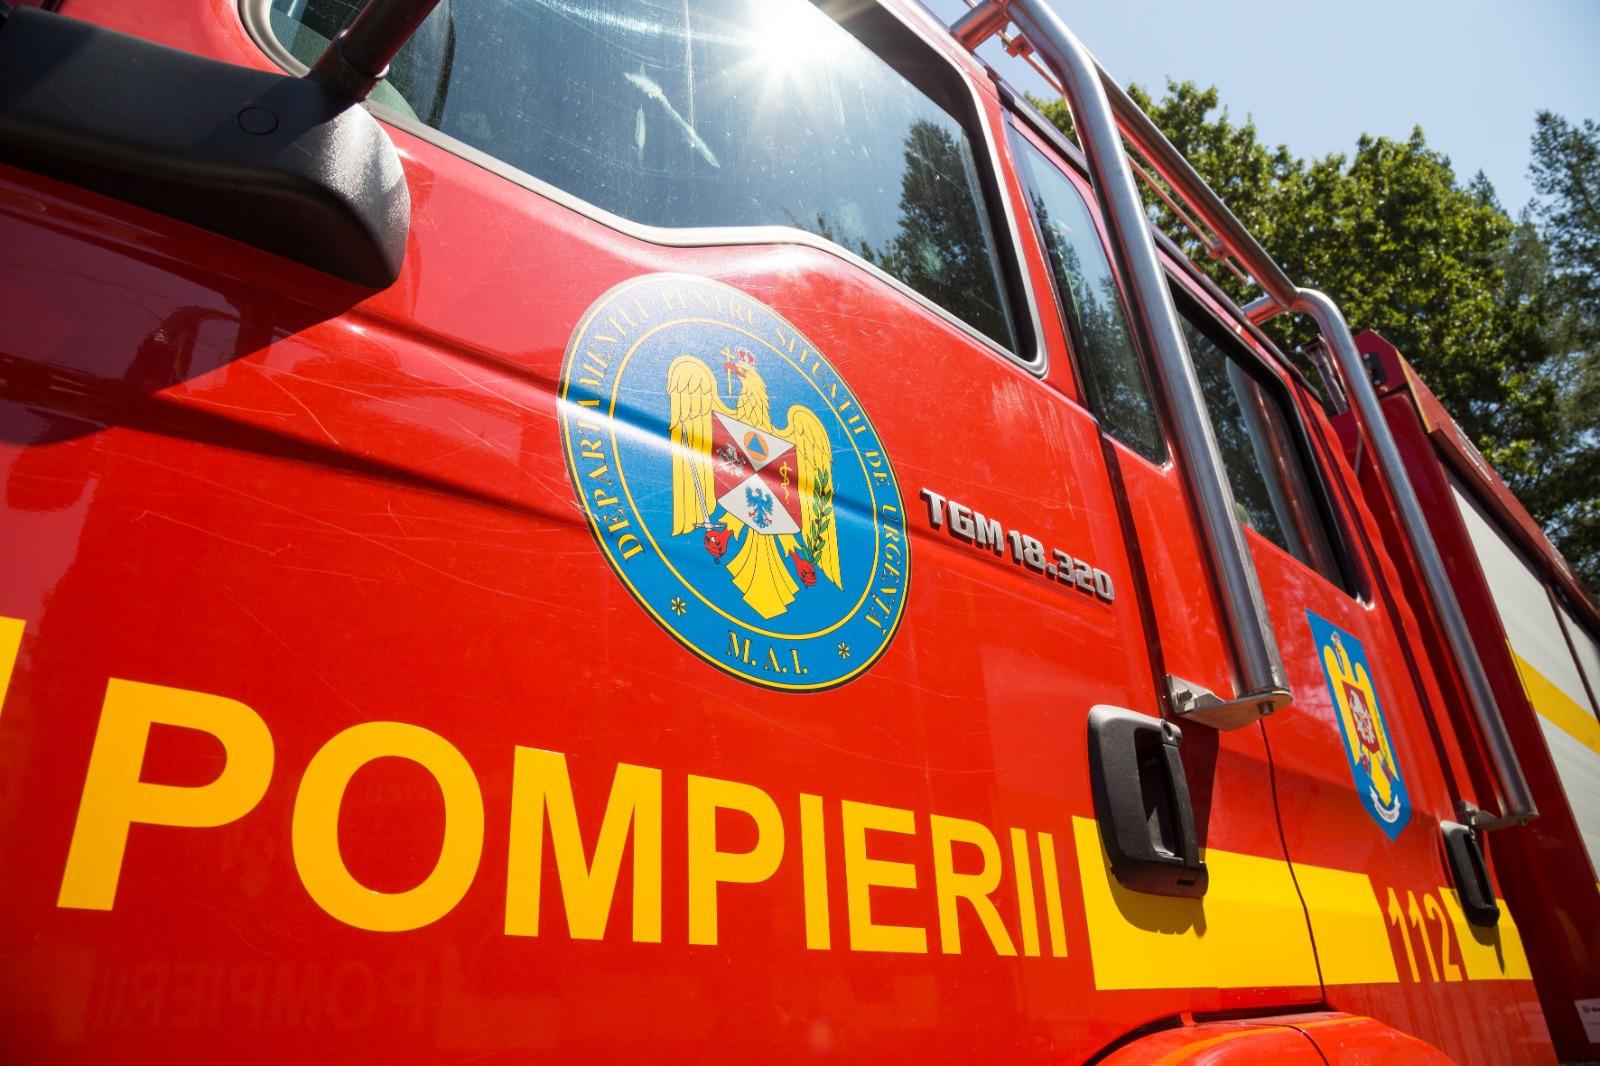 Alertă de incendiu la Spitalul Judeţean din Timişoara. Zeci de pompieri se află la faţa locului